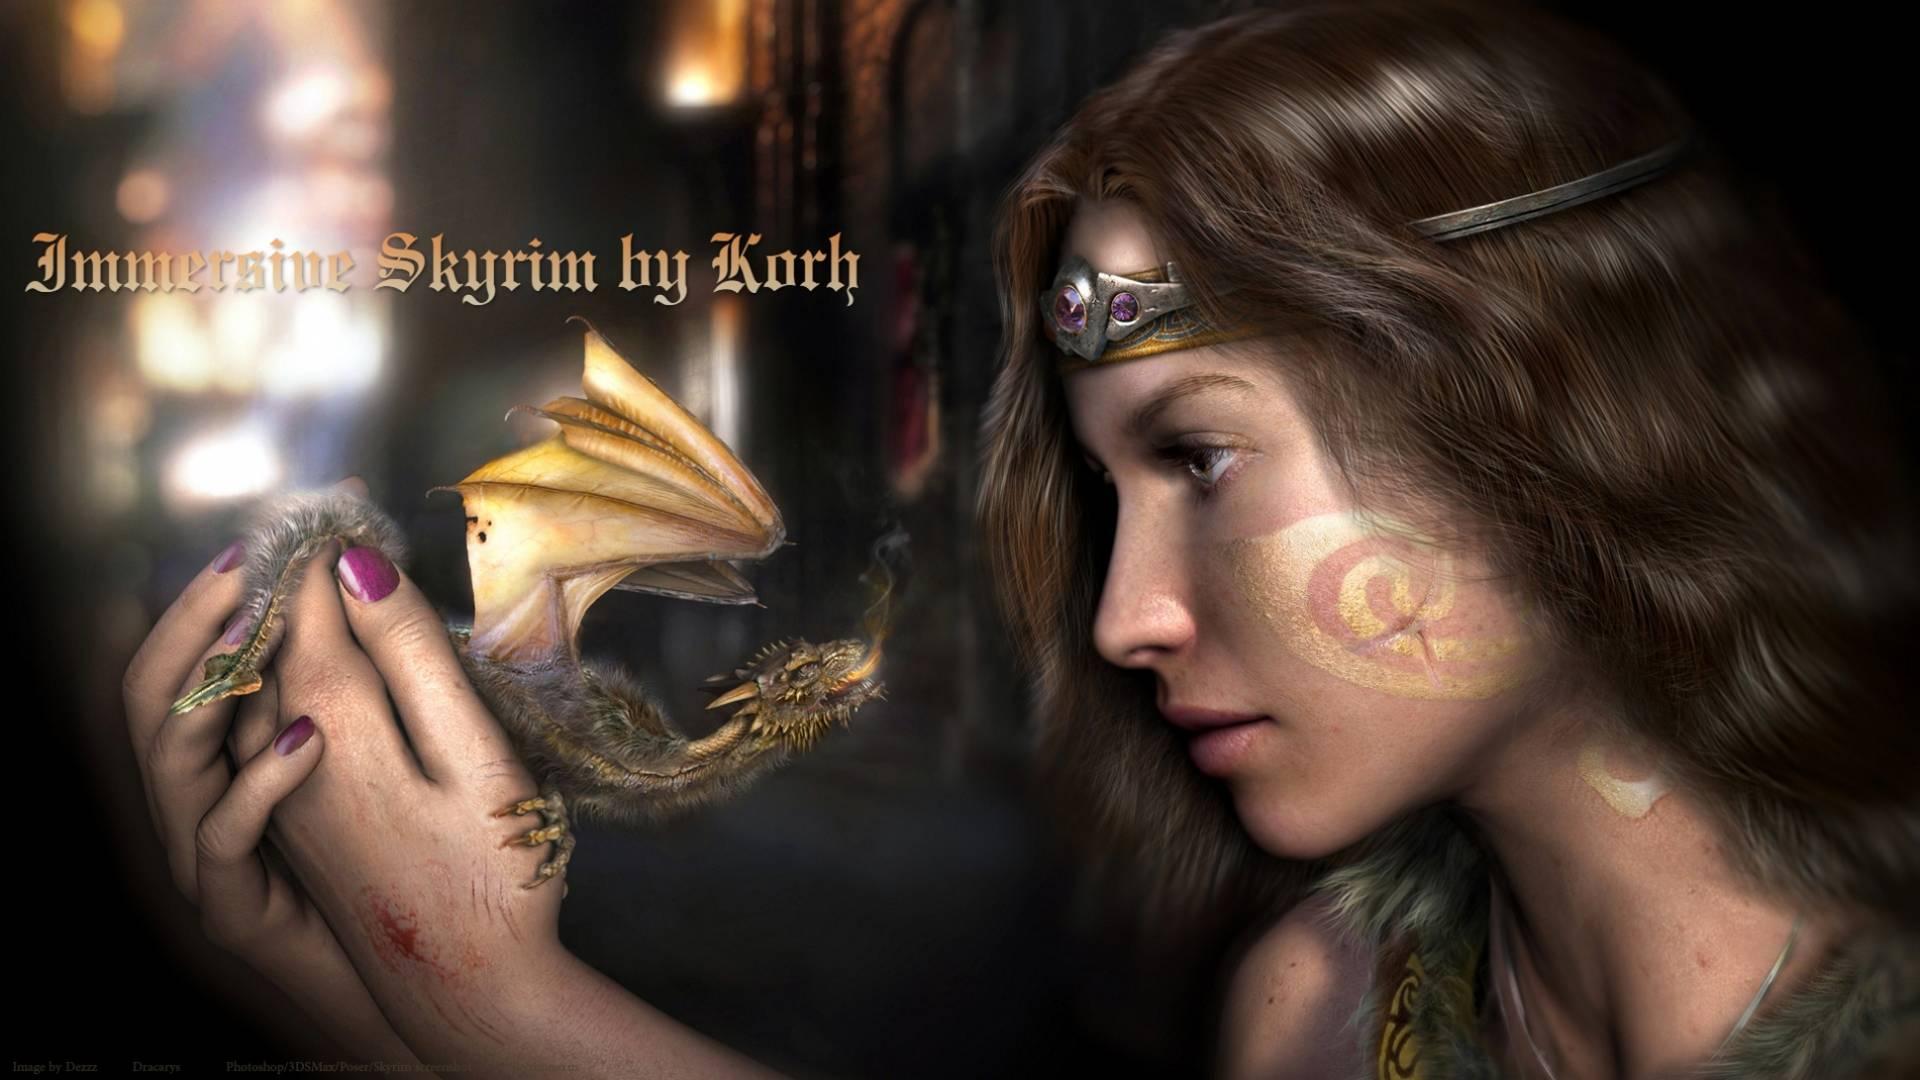 Immersive Skyrim SE mod pack 18+ by Korh - Скайрим Специальное издание сборка модов 18+ Секслаб